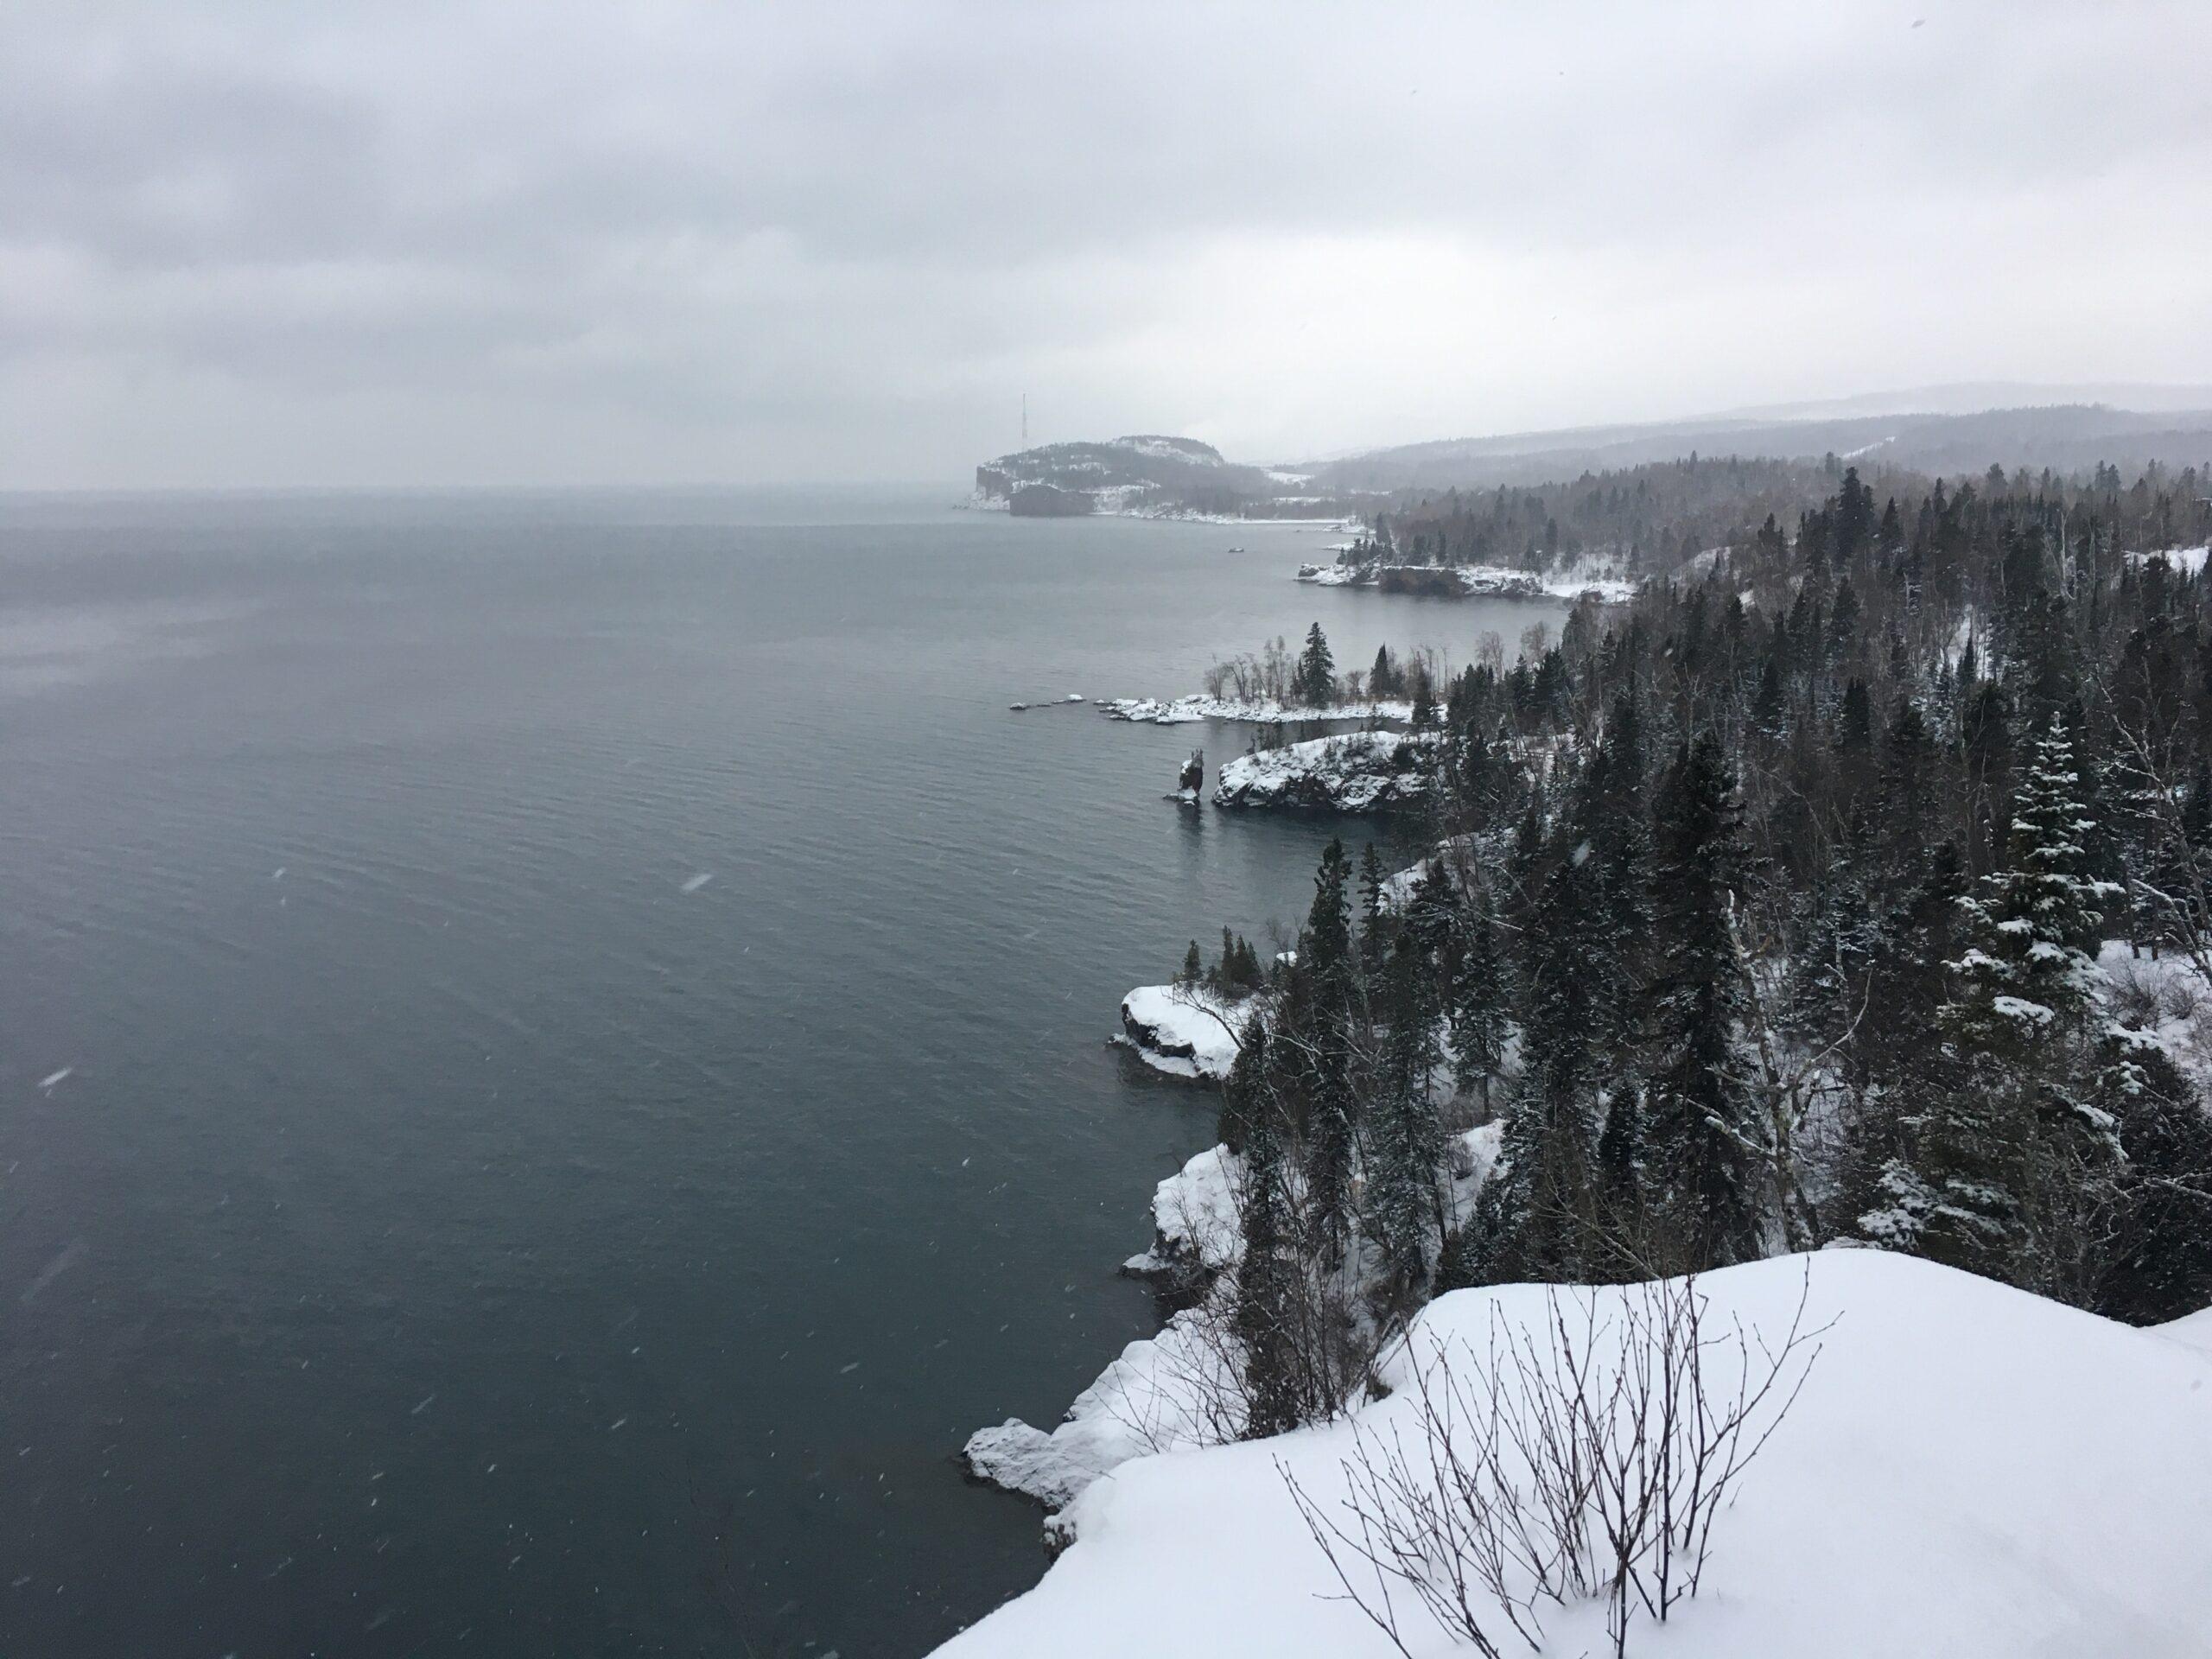 landpass ice fishing in ontario